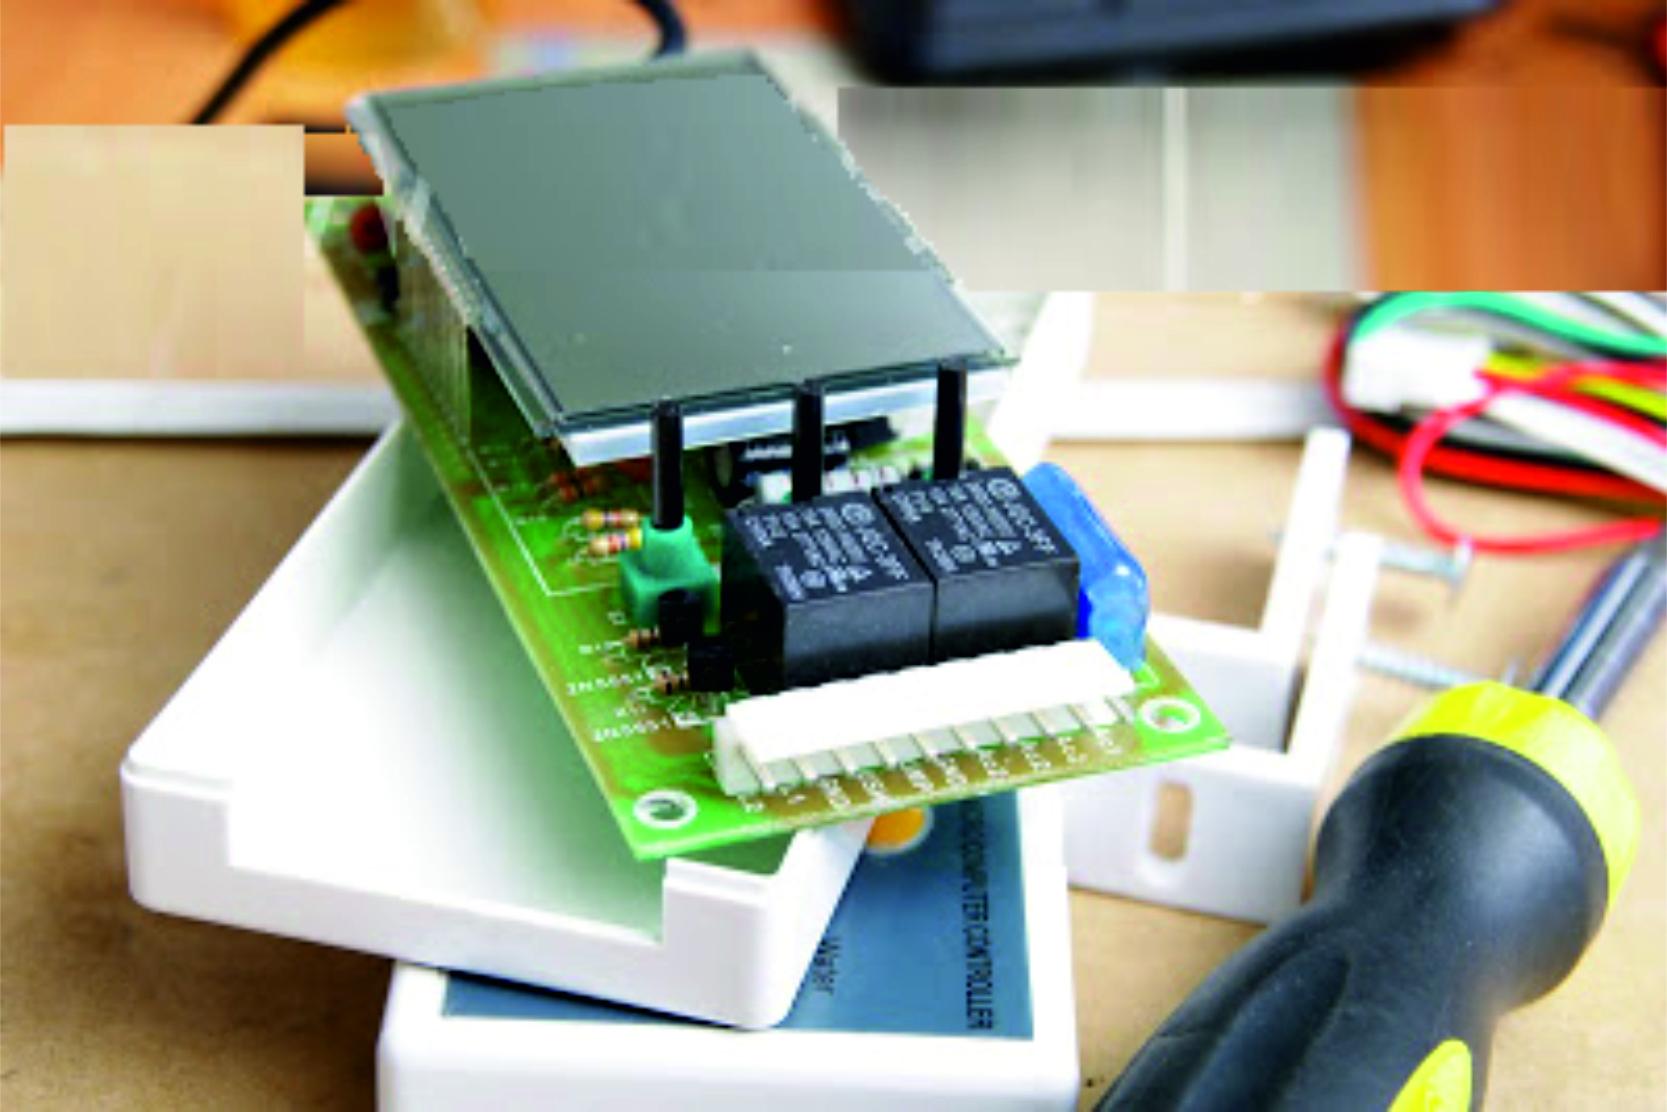 внутреннее устройство контроллера СВ-5